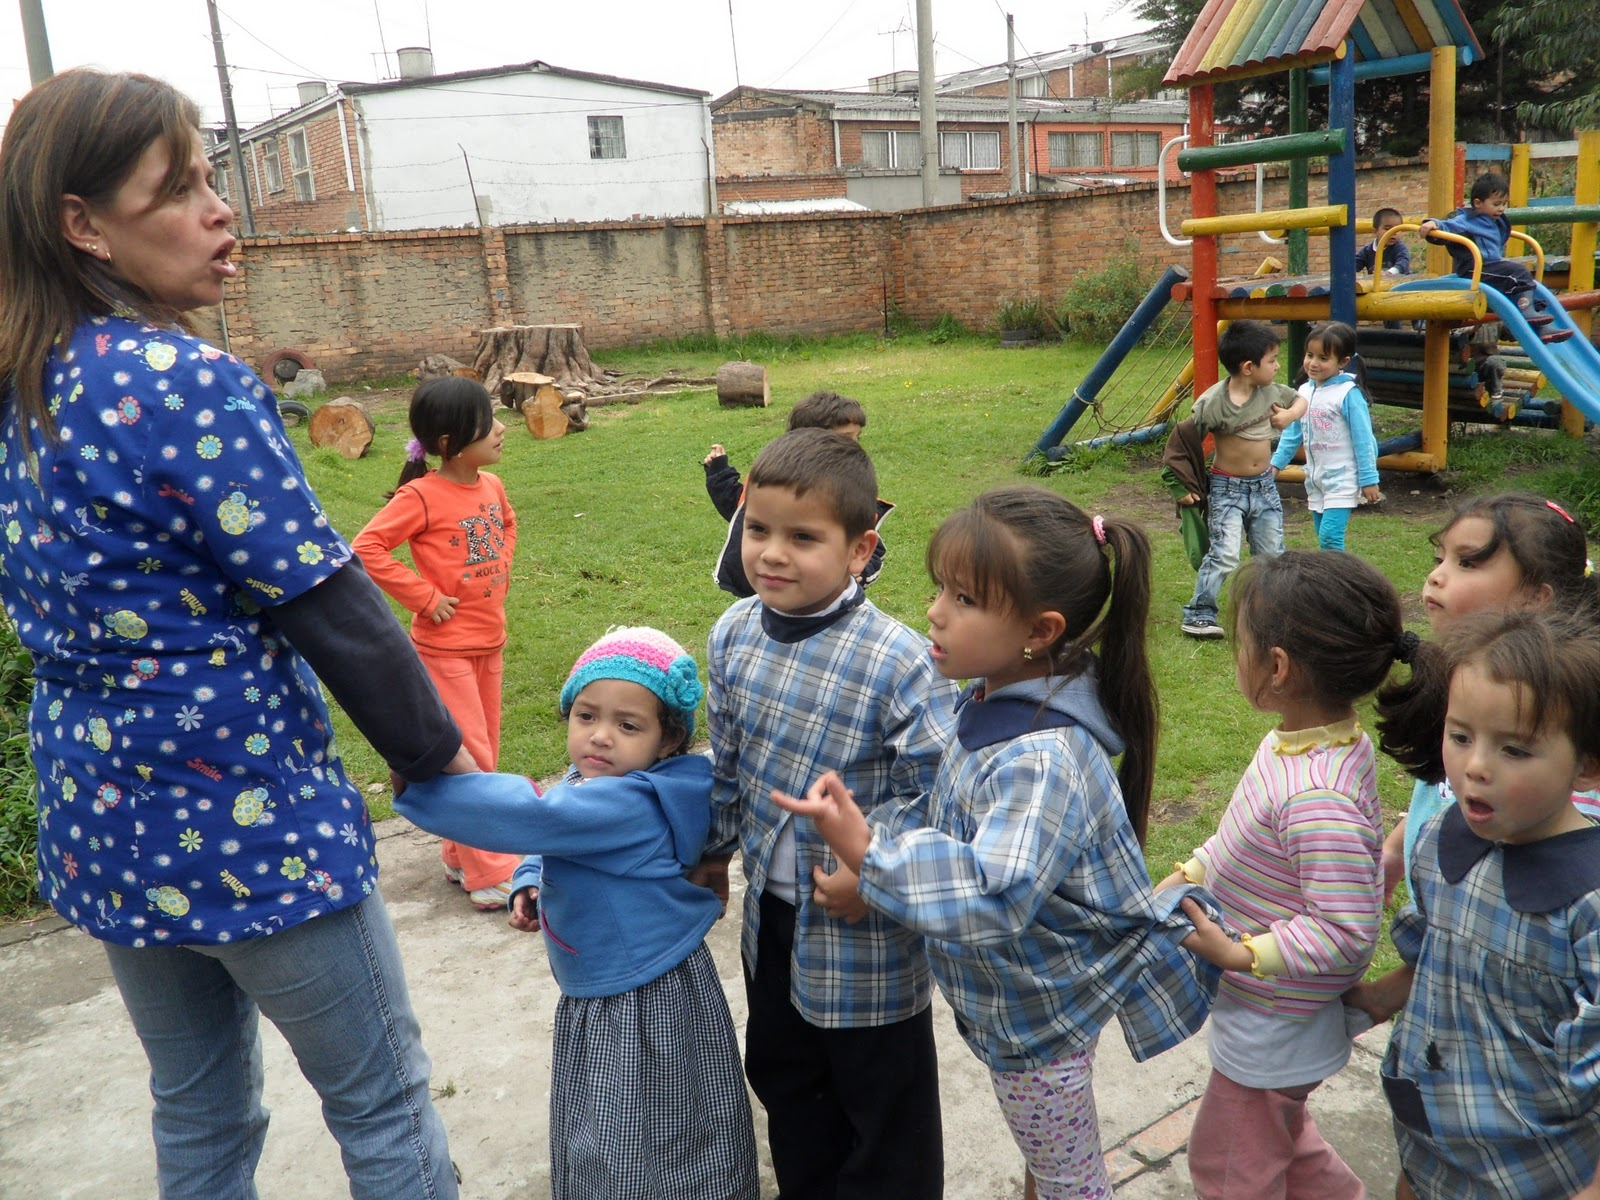 Subdirecci n local barrios unidos simulacro de evacuaci n for Jardin infantil